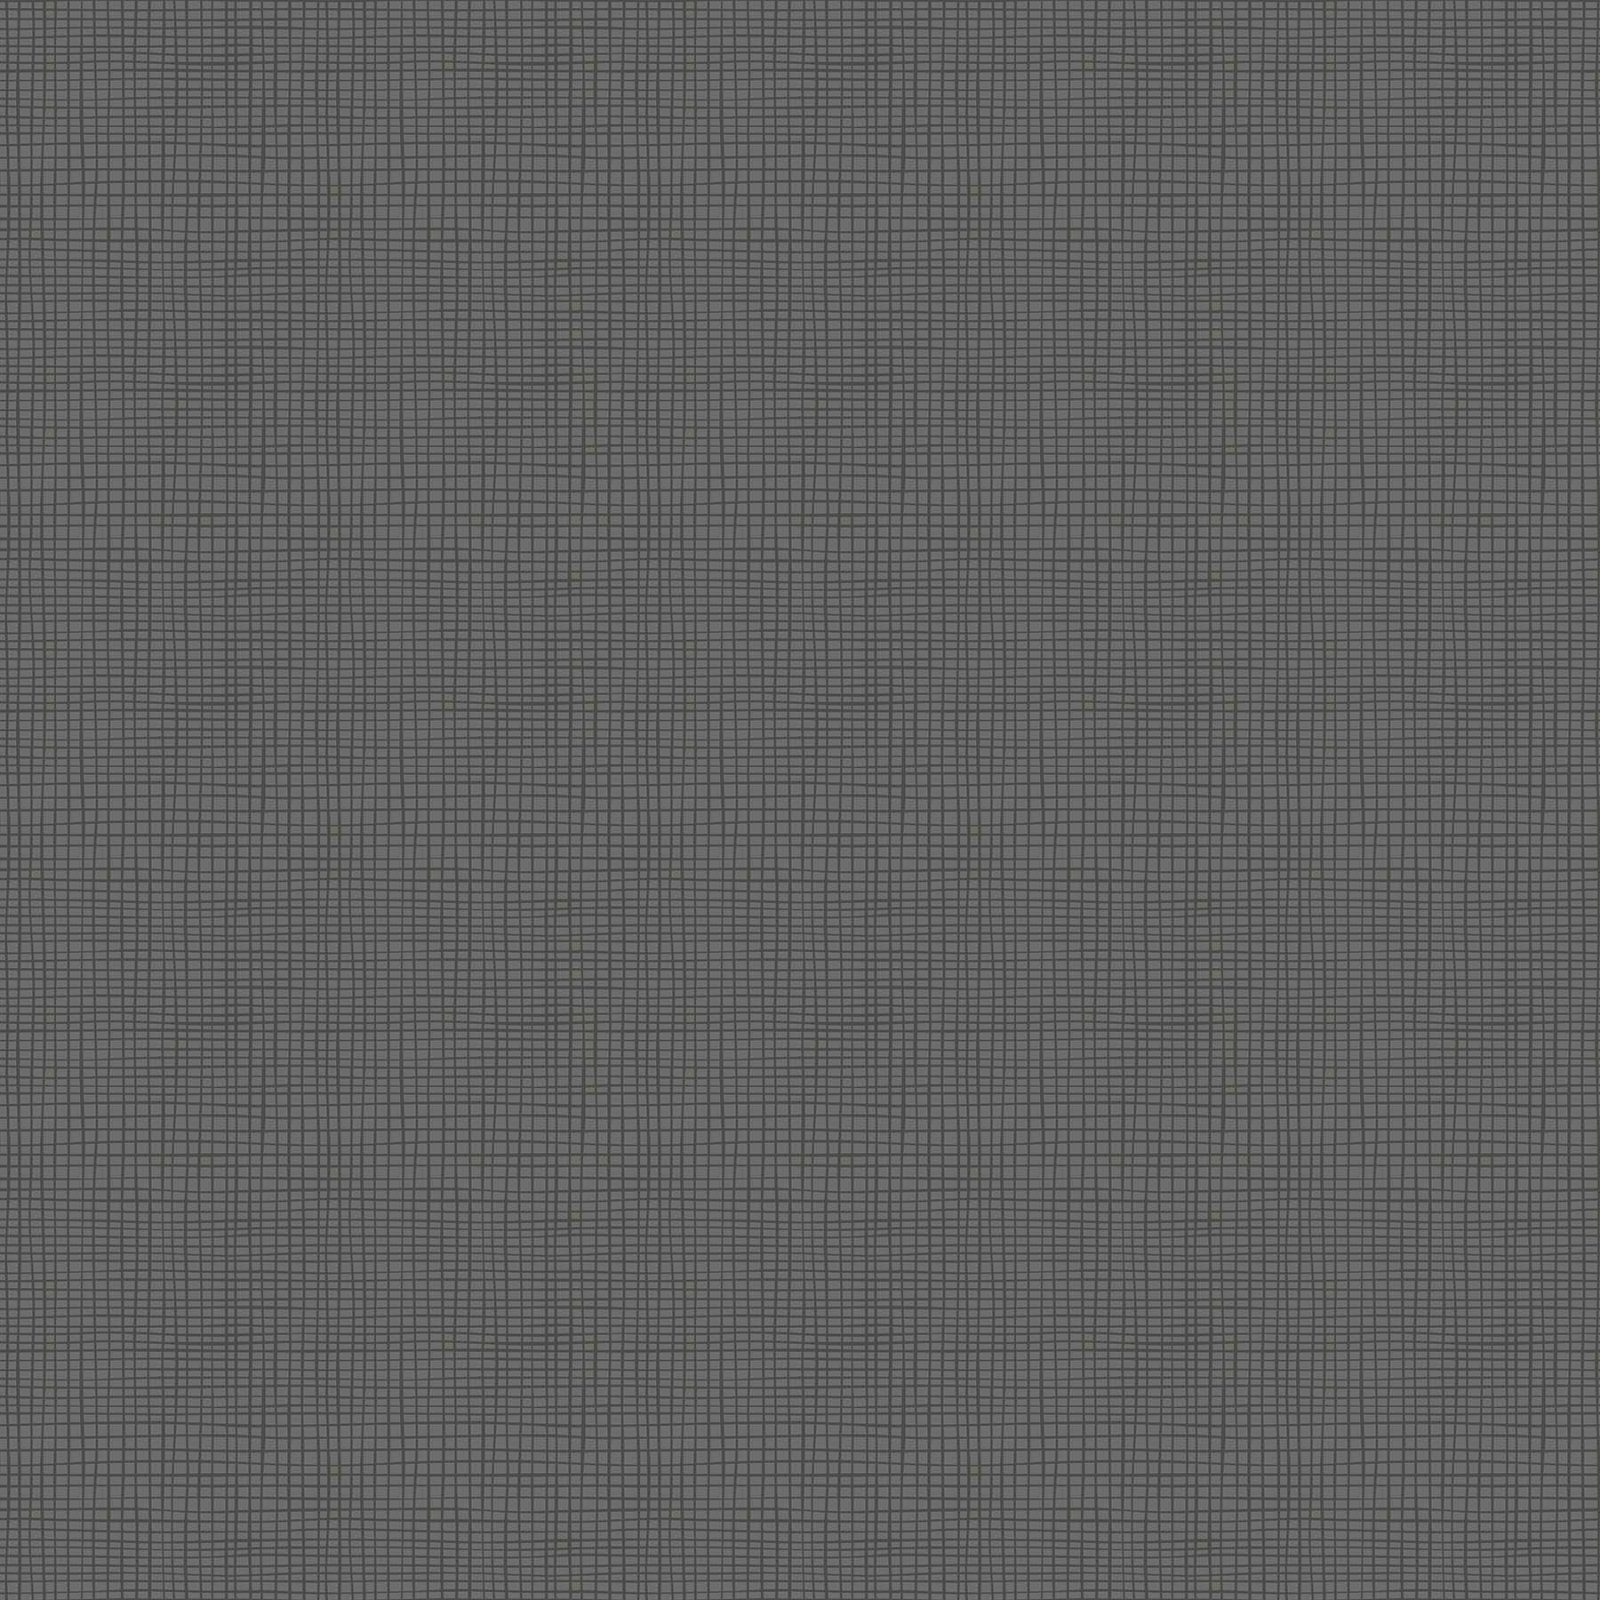 Sew Sweet Gray Grid